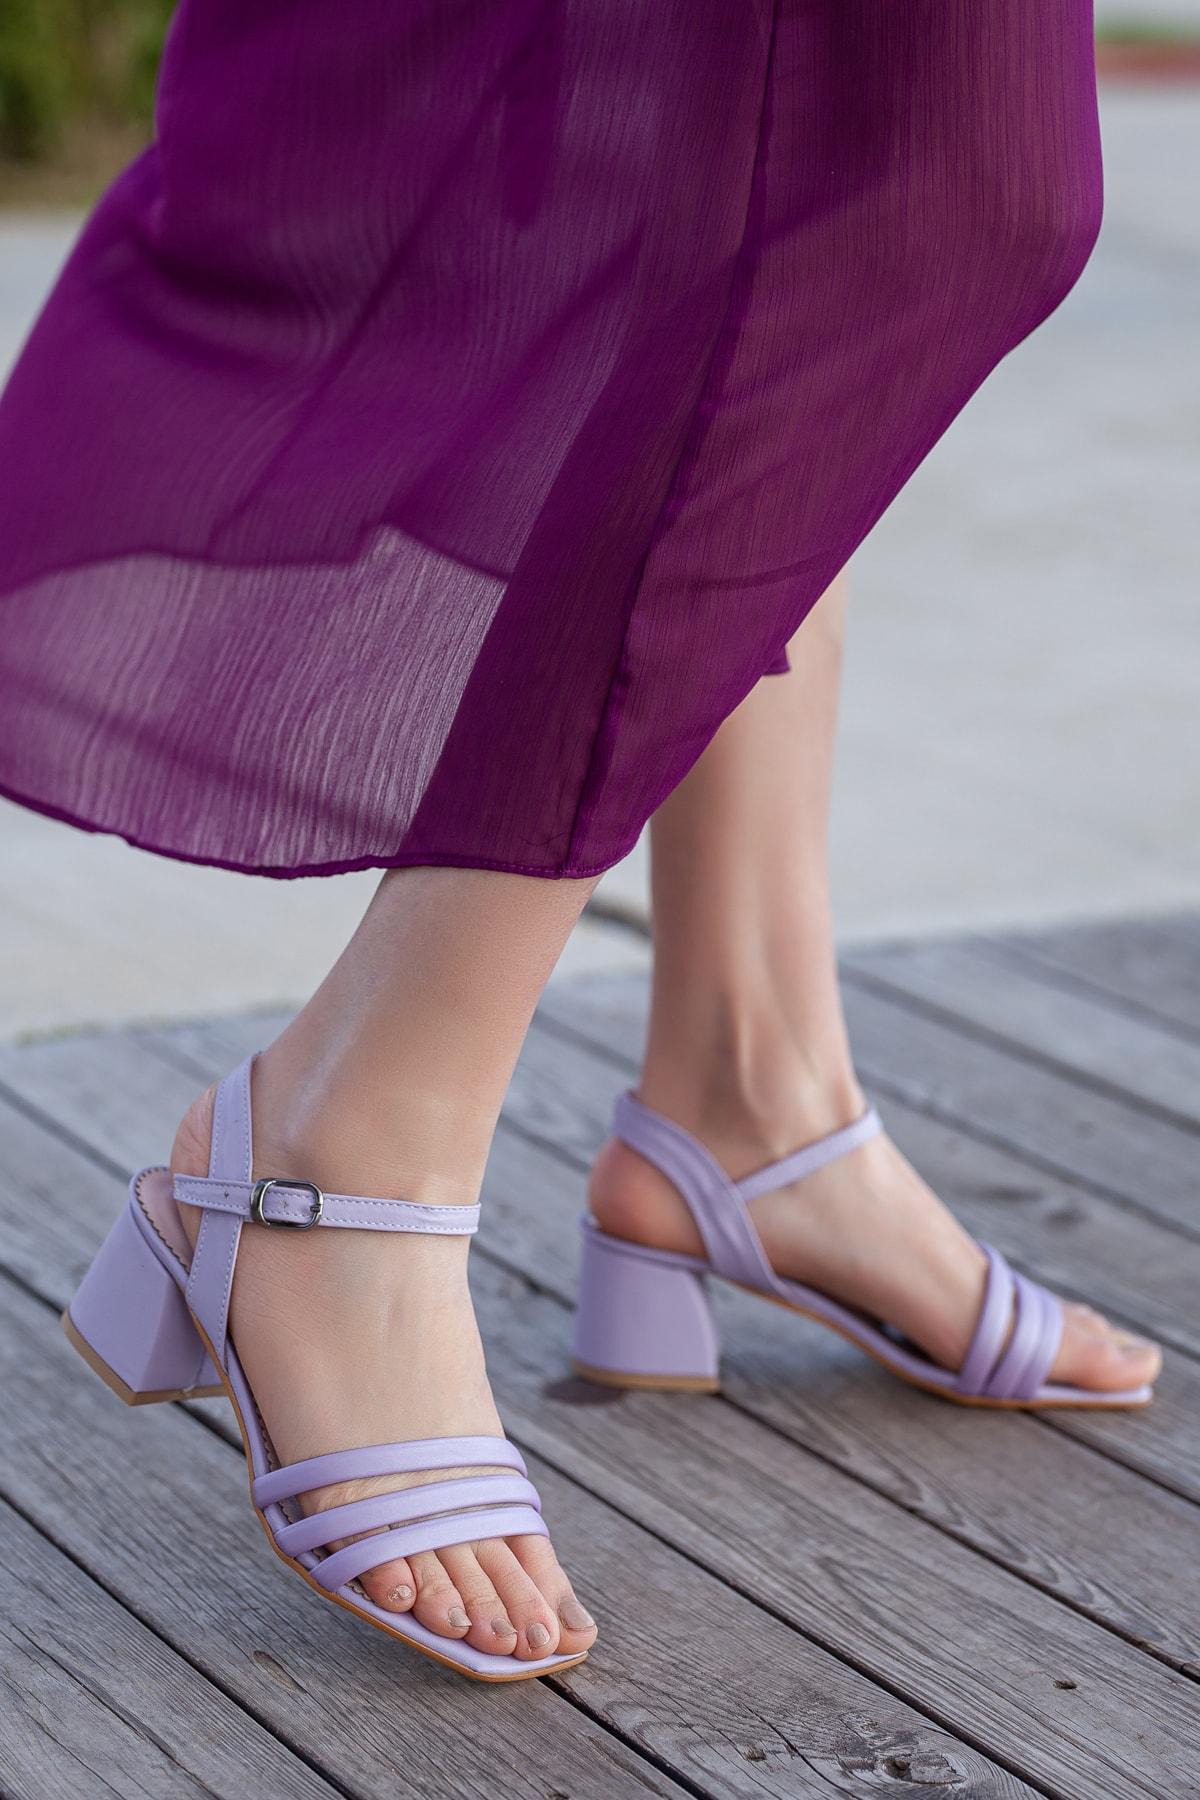 Daxtors Kadın Lila Klasik Topuklu Ayakkabı D2180 1